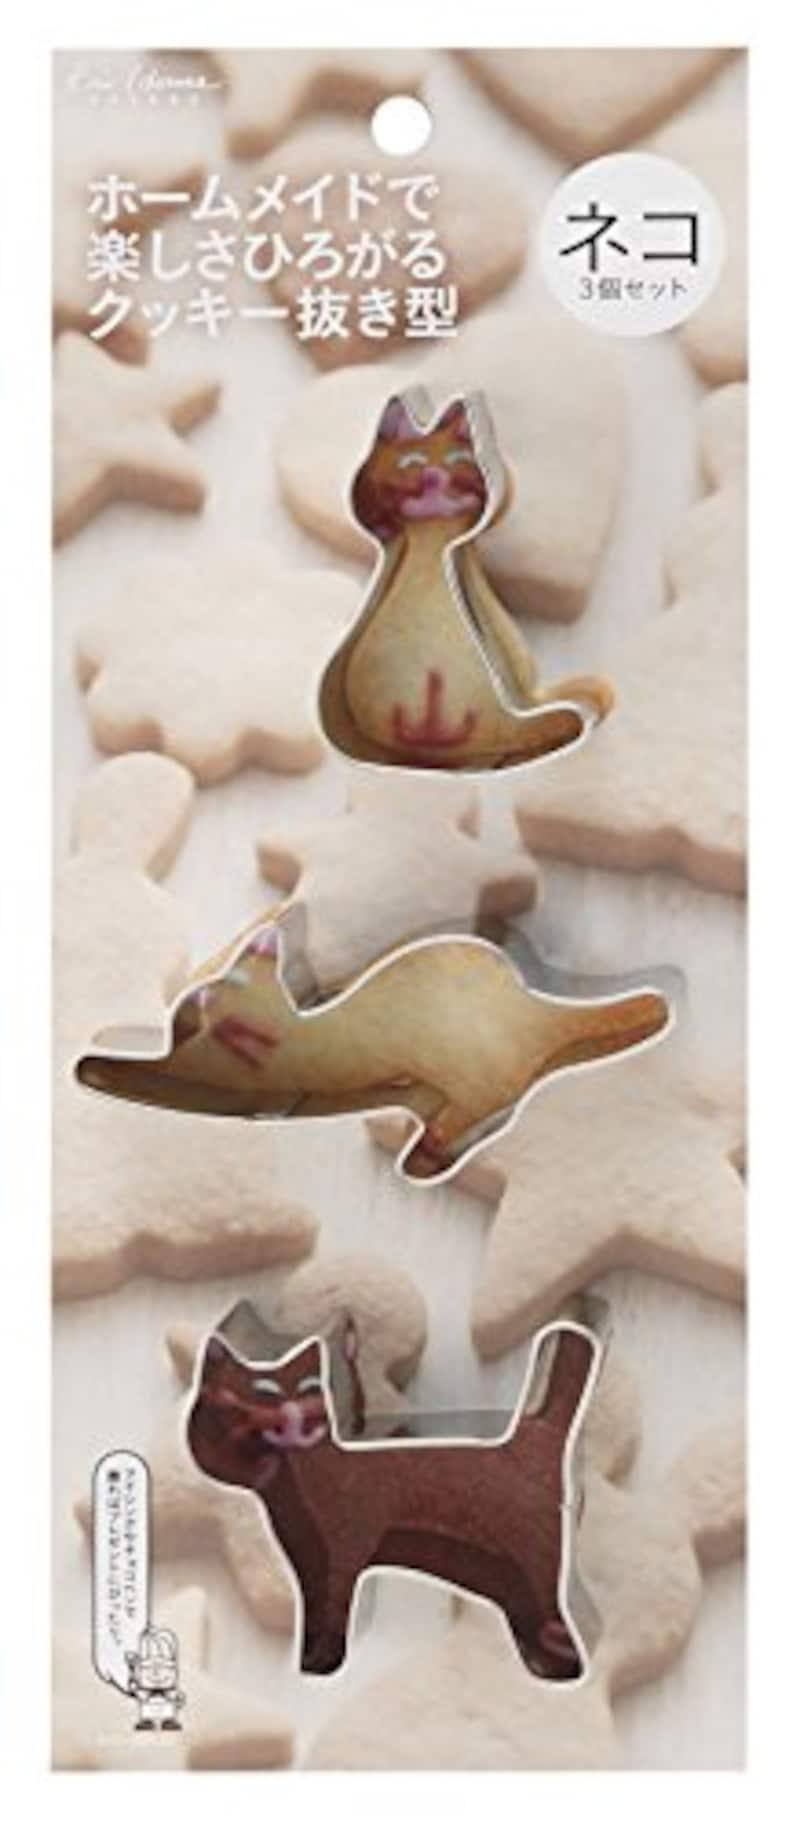 貝印(Kai Corporation),クッキー型 3個セット ネコ,000DL6187